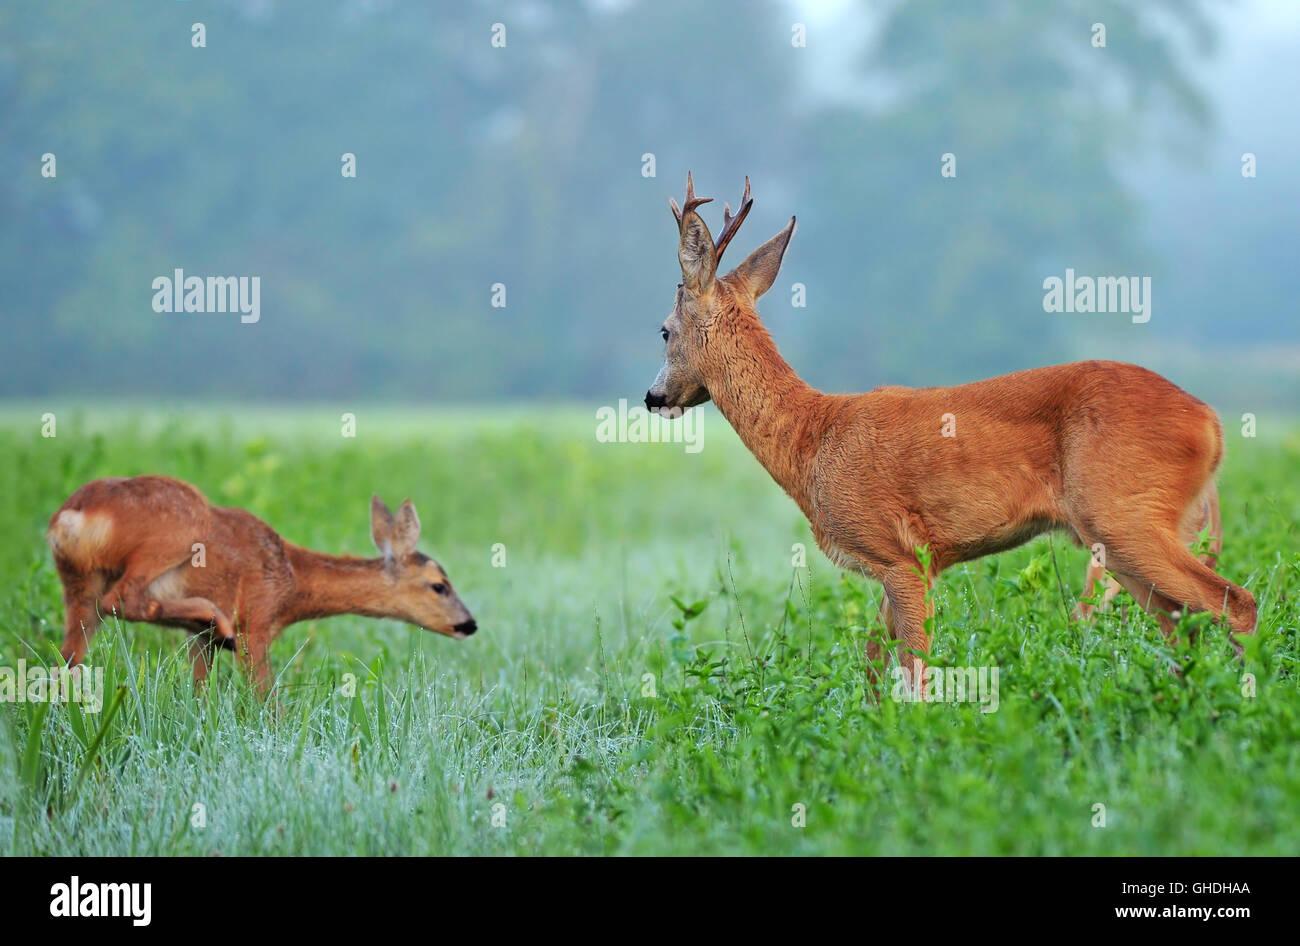 Wild roe deer and roe deer cub in a field - Stock Image